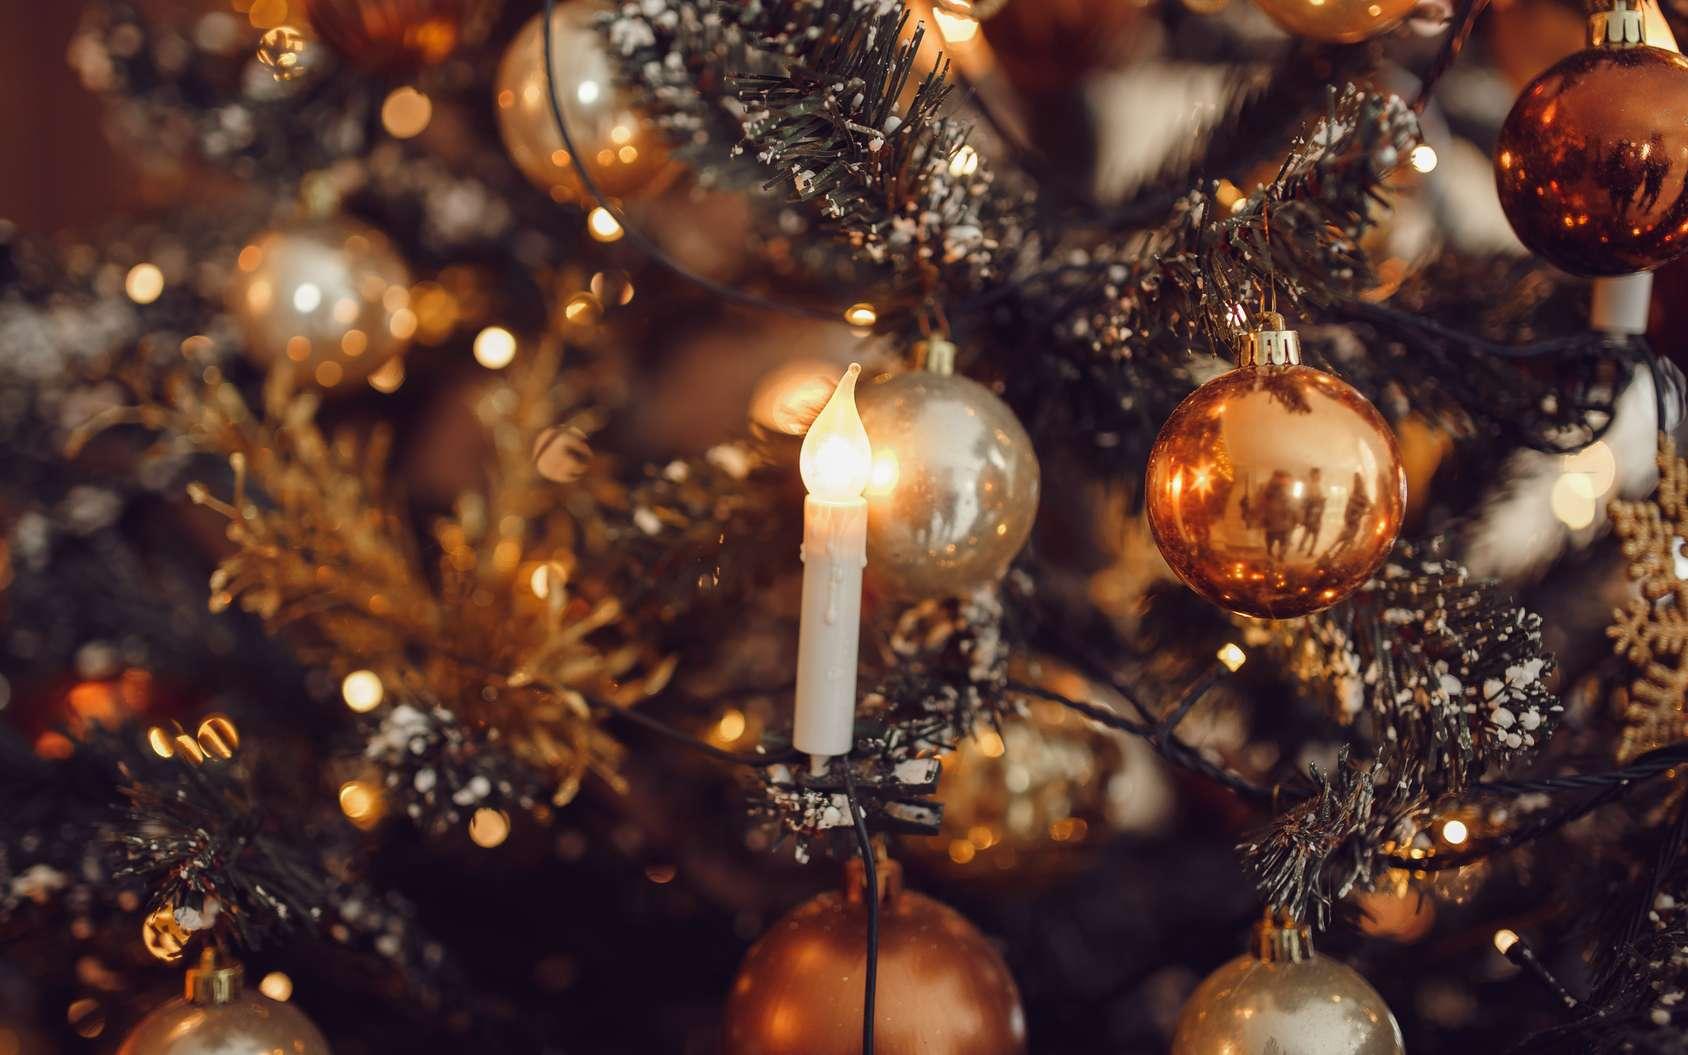 À Noël, gare aux bougies et décorations dangereuses sur le sapin. © Parilov, Fotolia